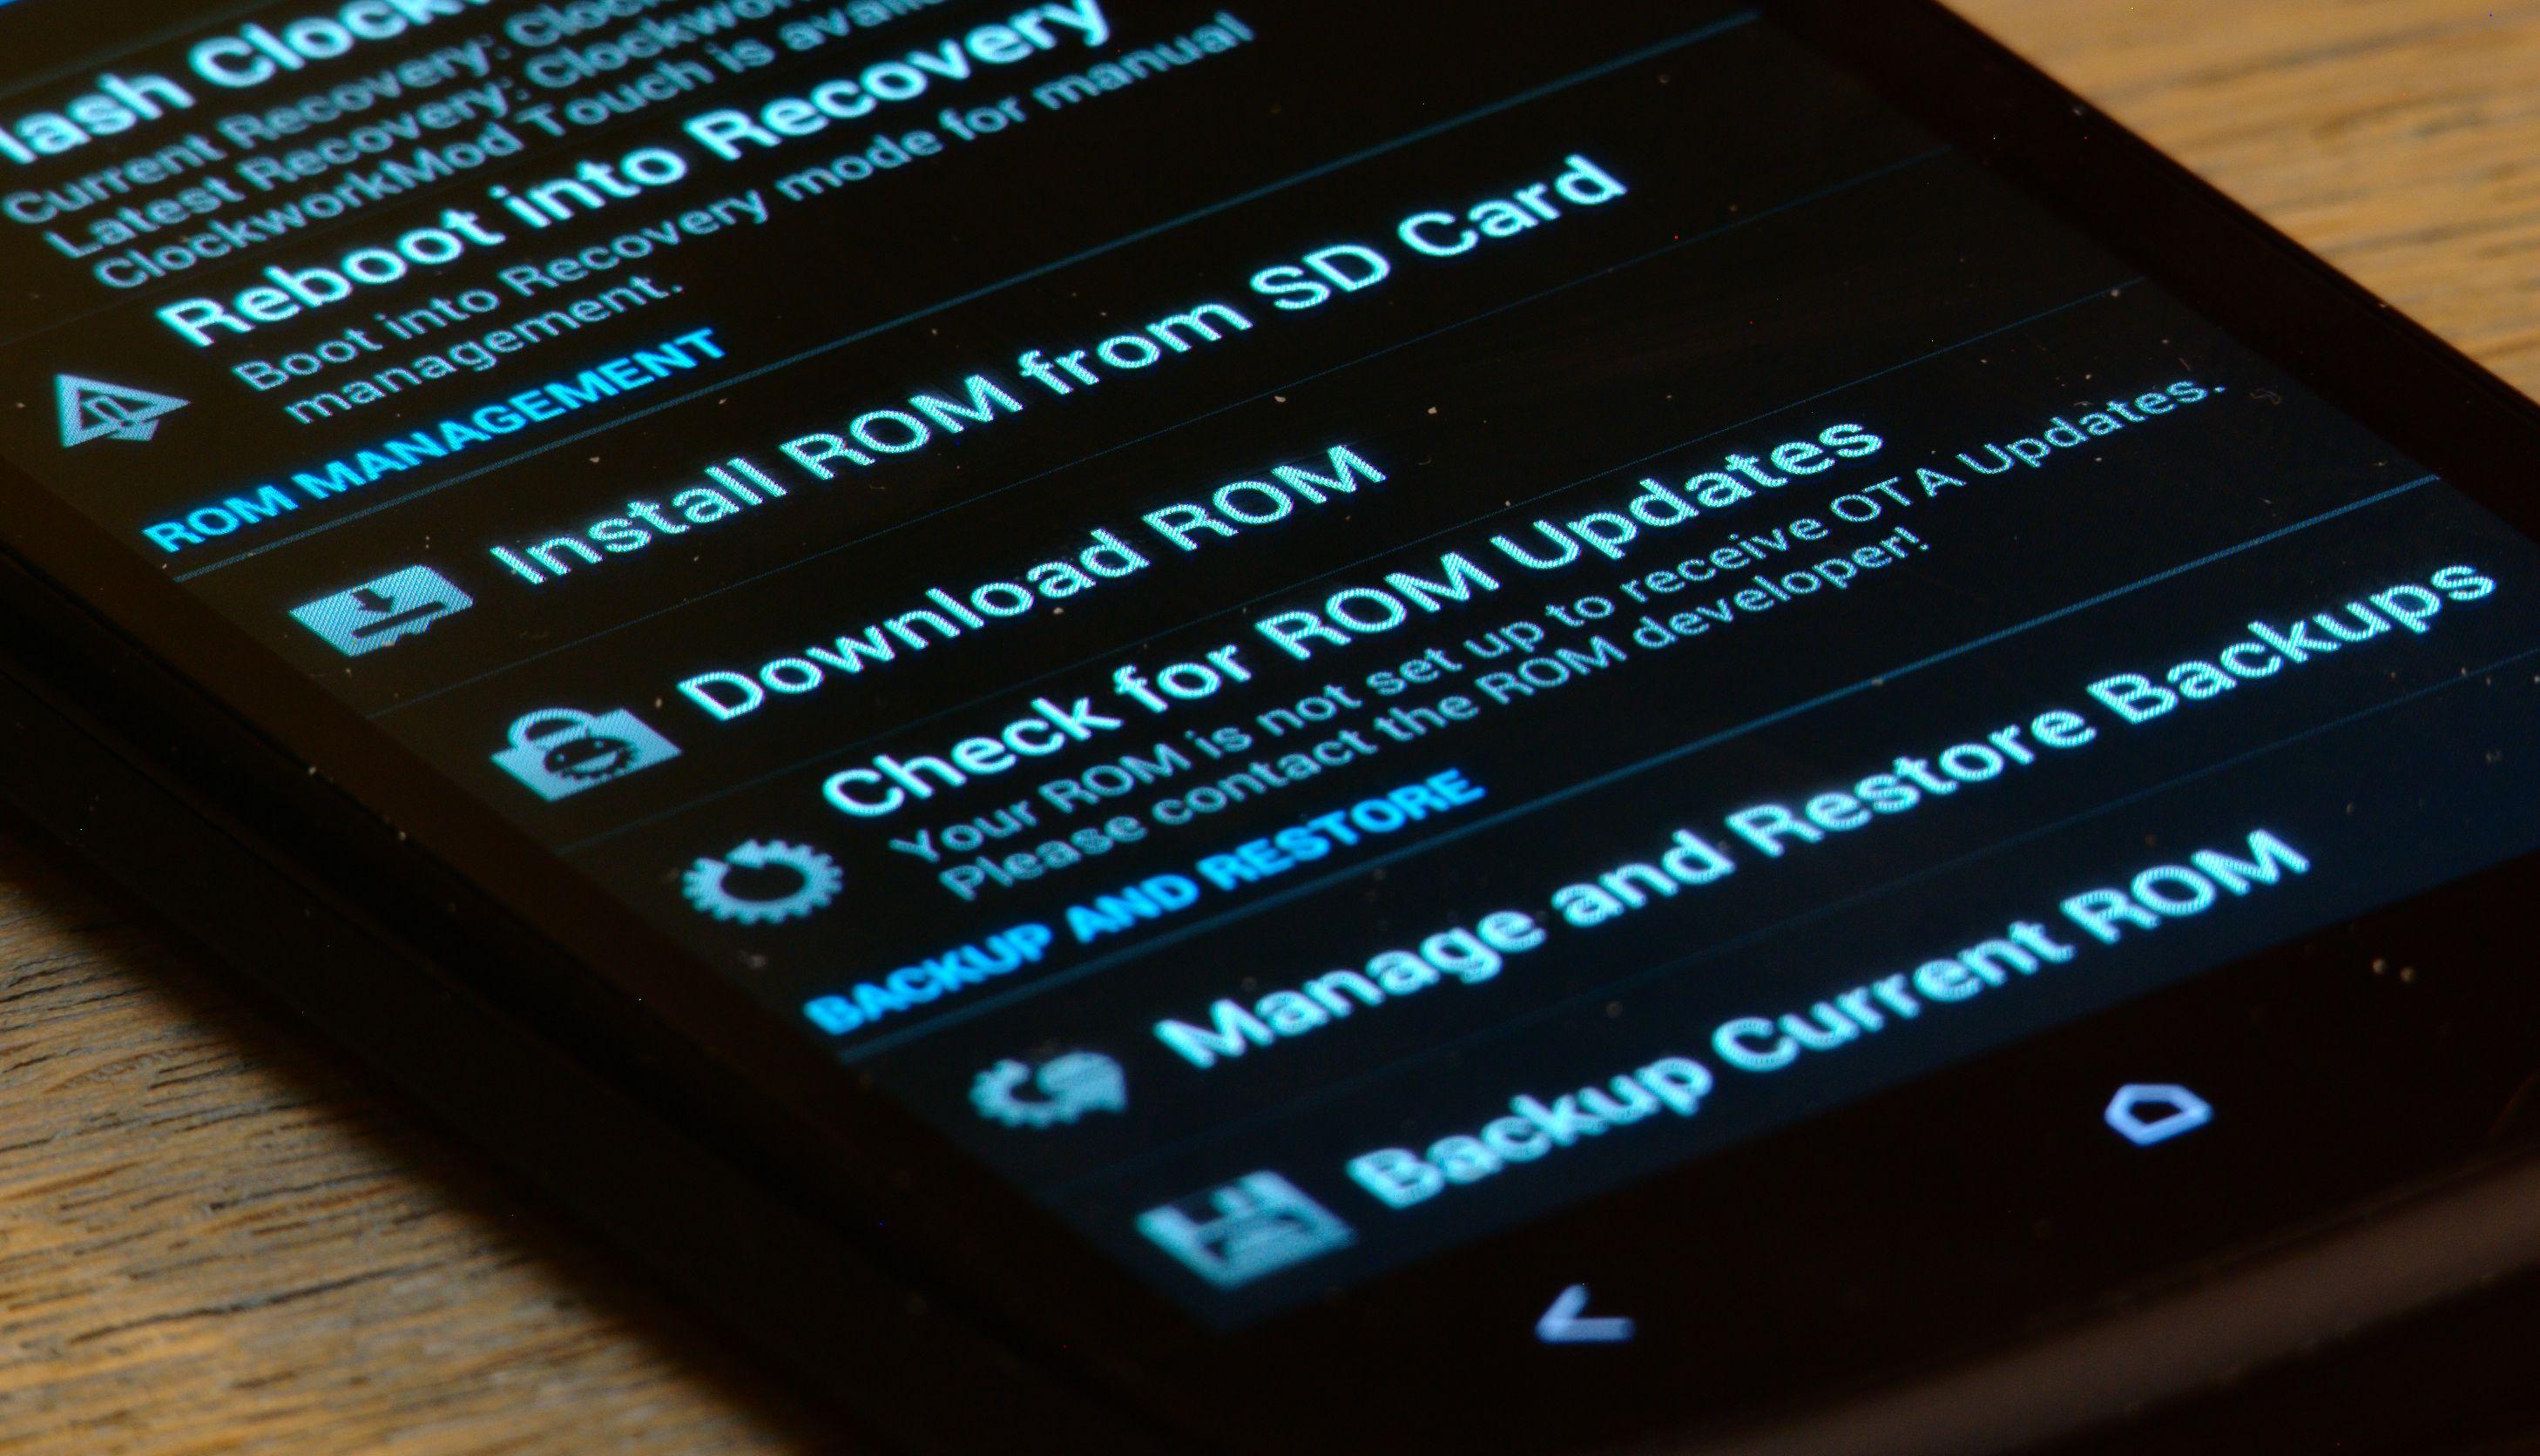 Å installere en ny ROM kan sammenlignes med å installere et nytt operativsystem. Foto: Einar Eriksen